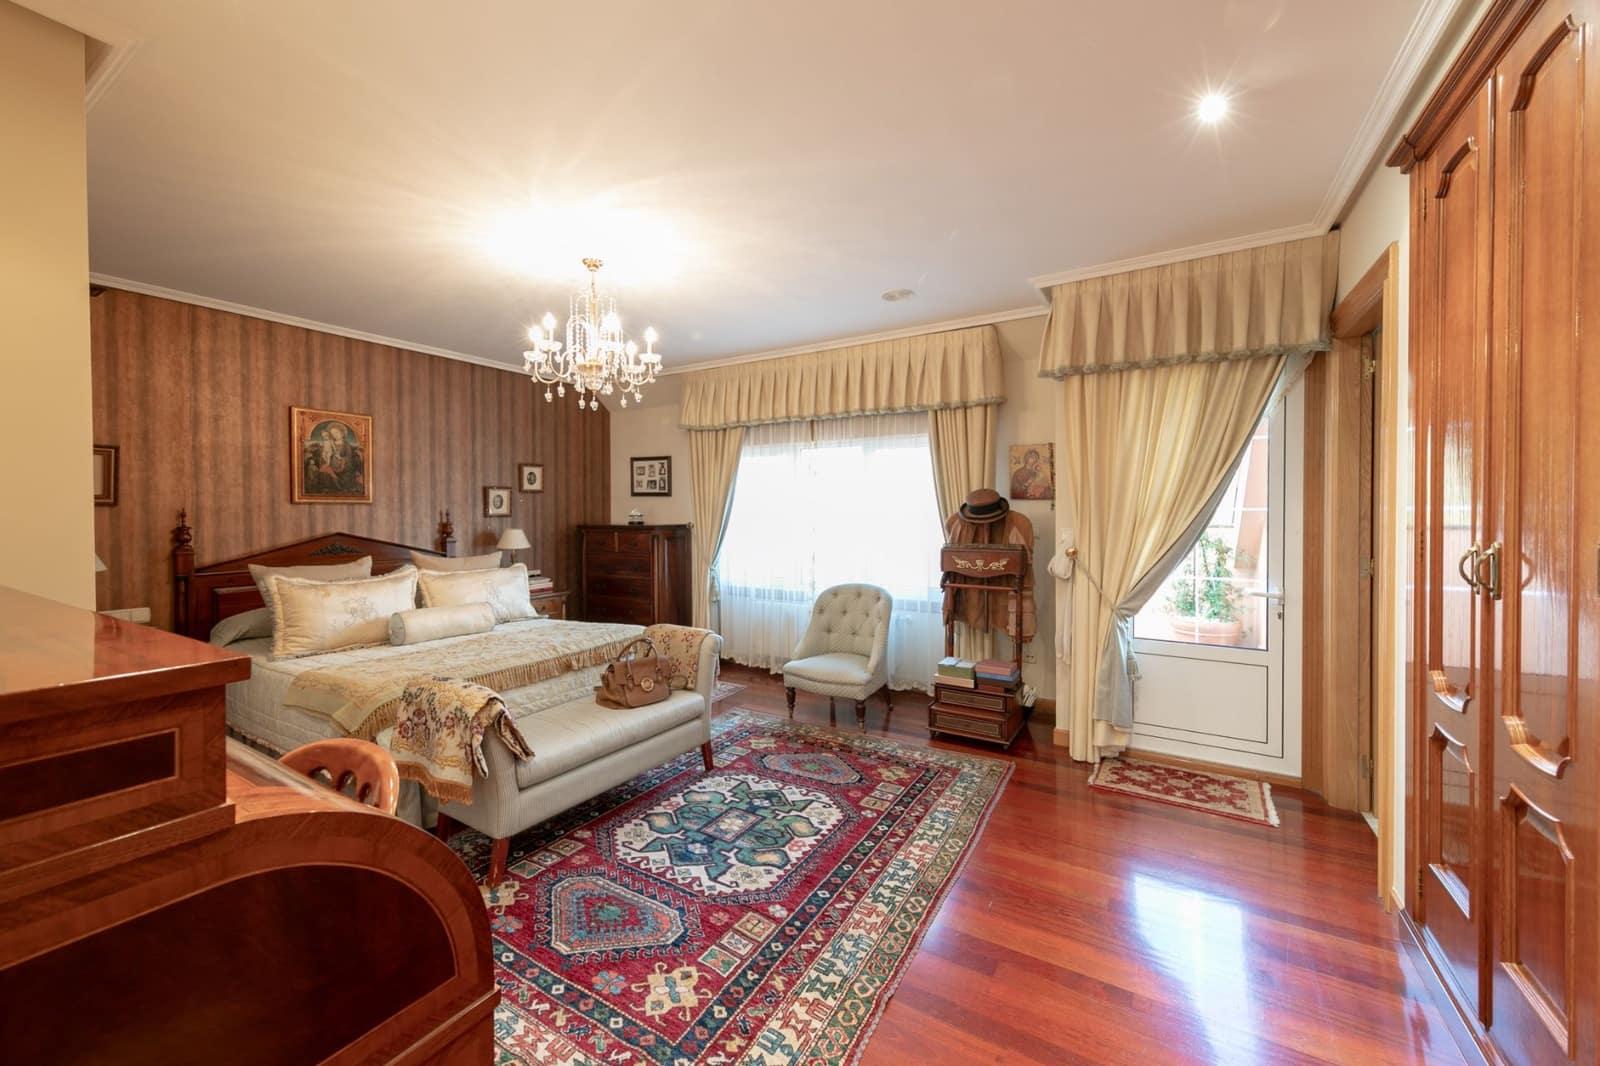 5 sovrum Semi-fristående Villa till salu i A Coruna stad med garage - 730 000 € (Ref: 4280739)